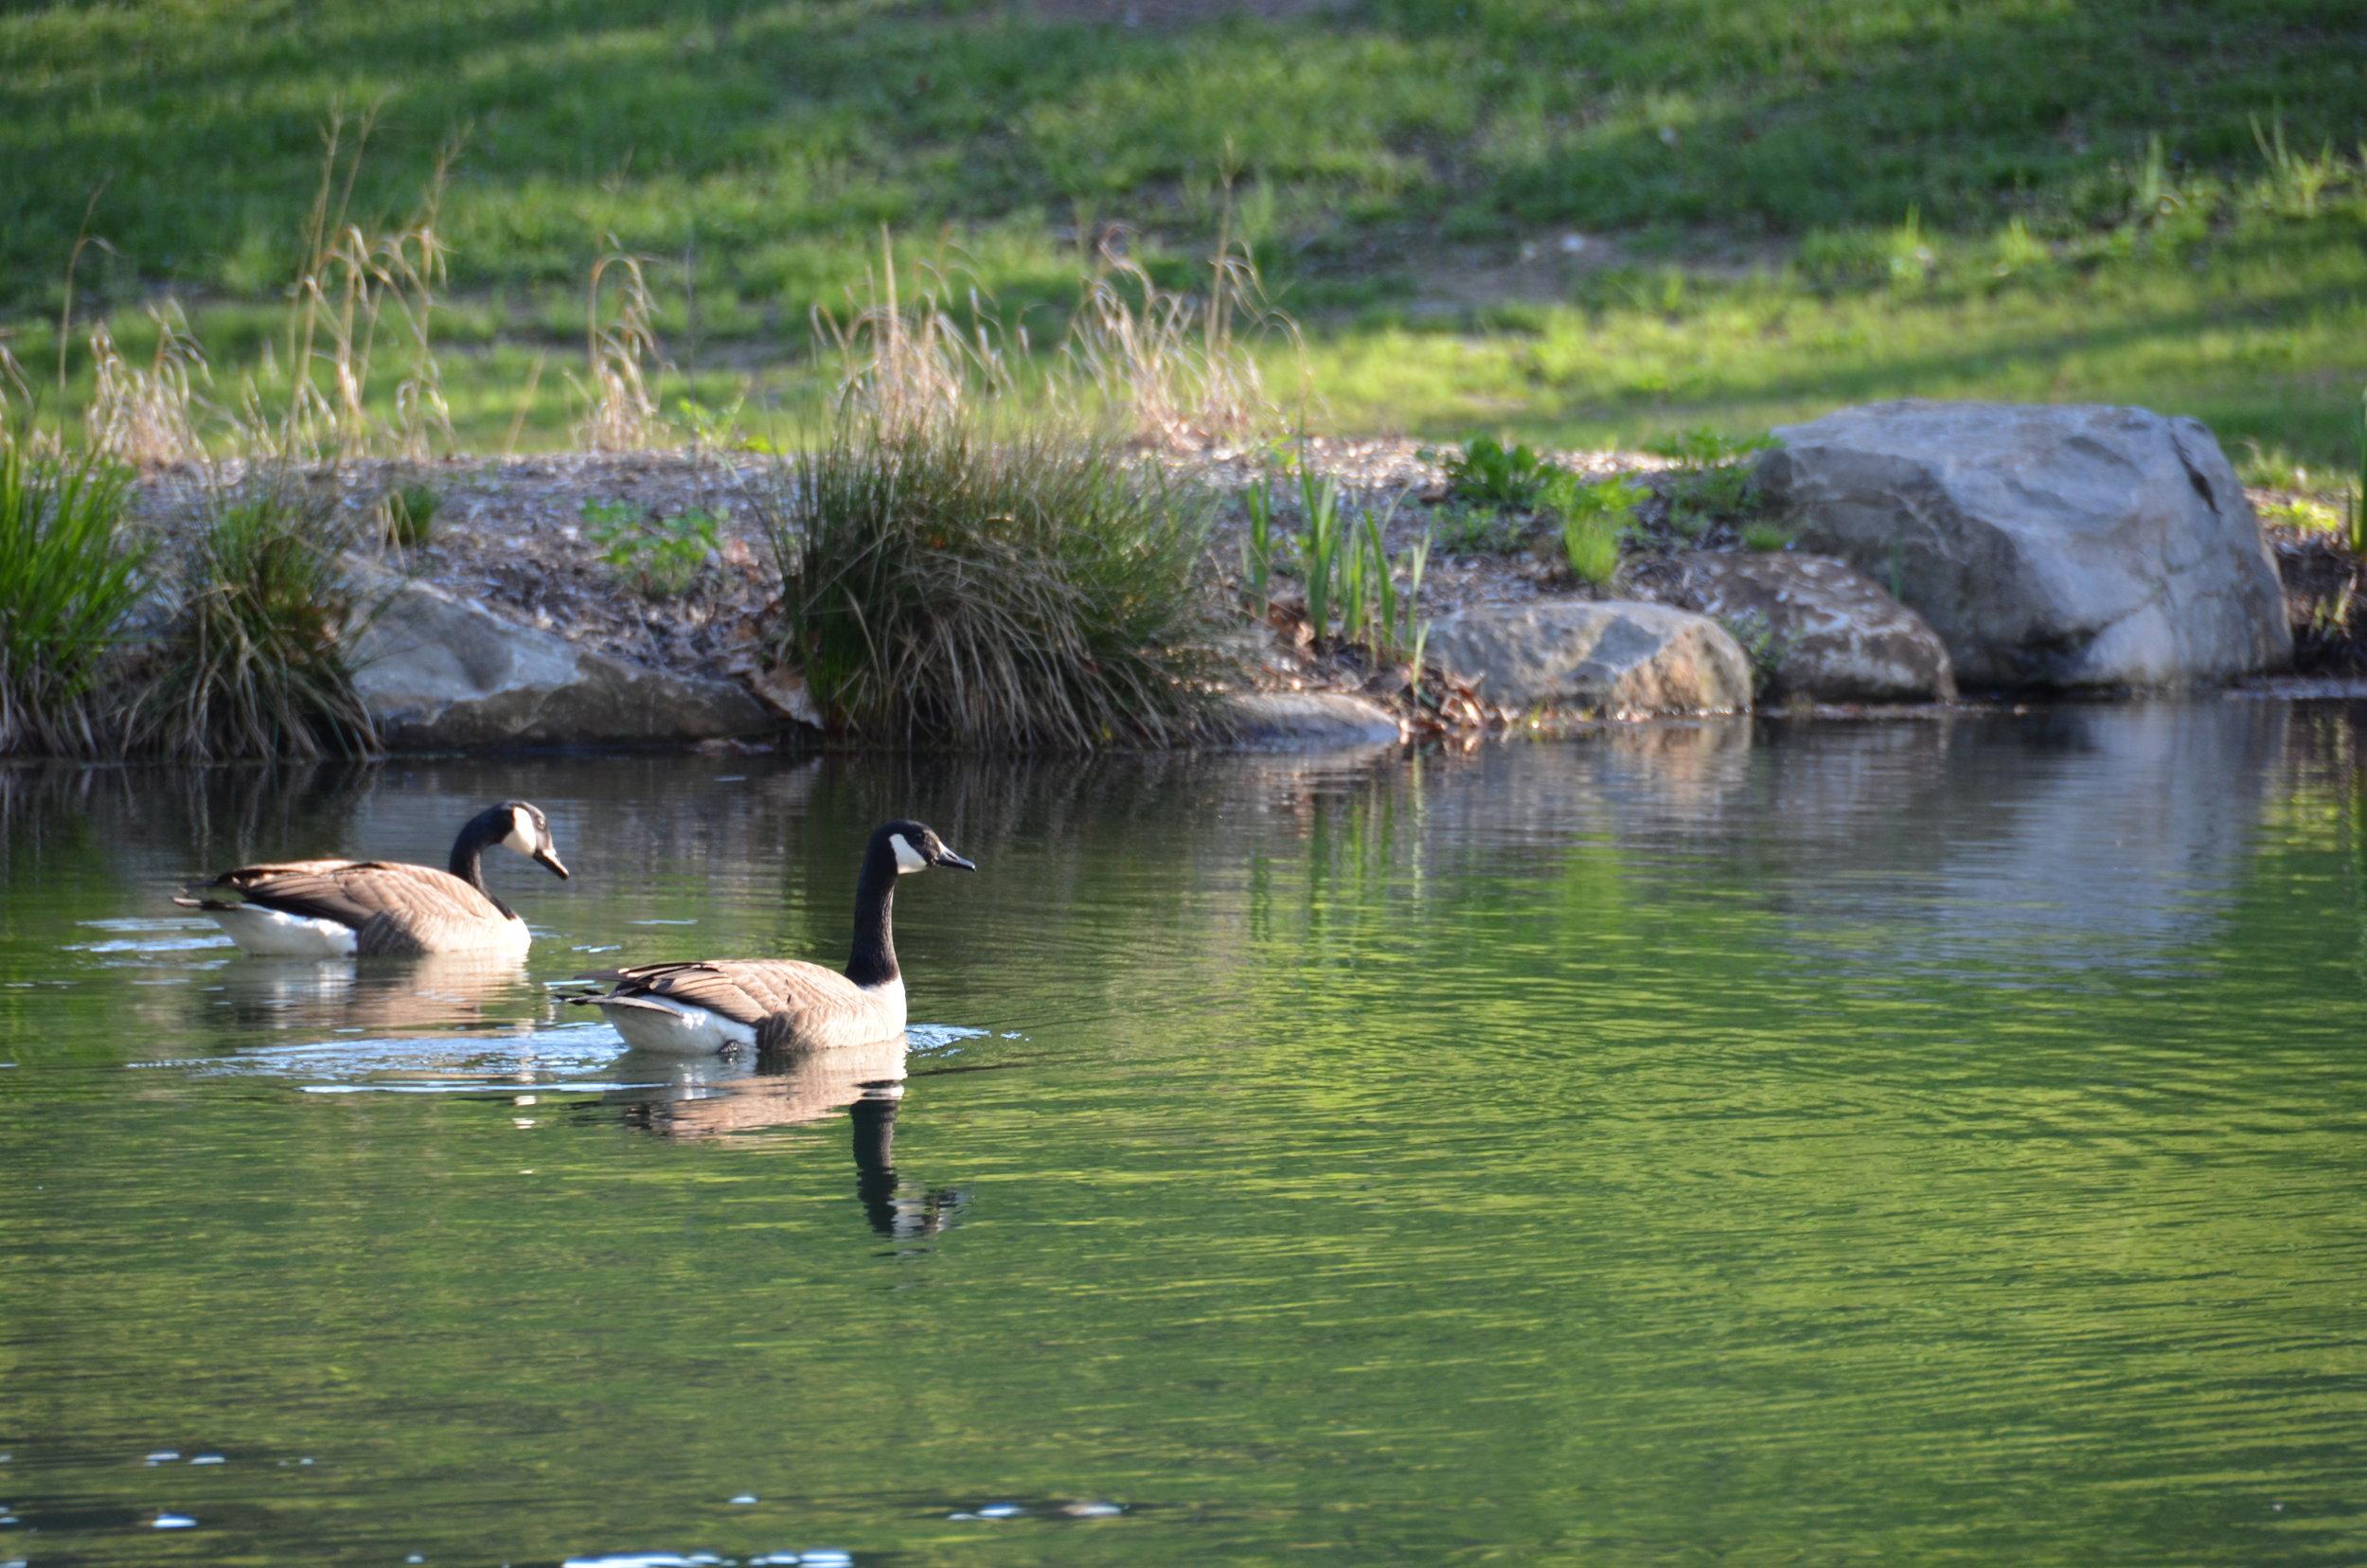 Pondworks_geese_pond.JPG